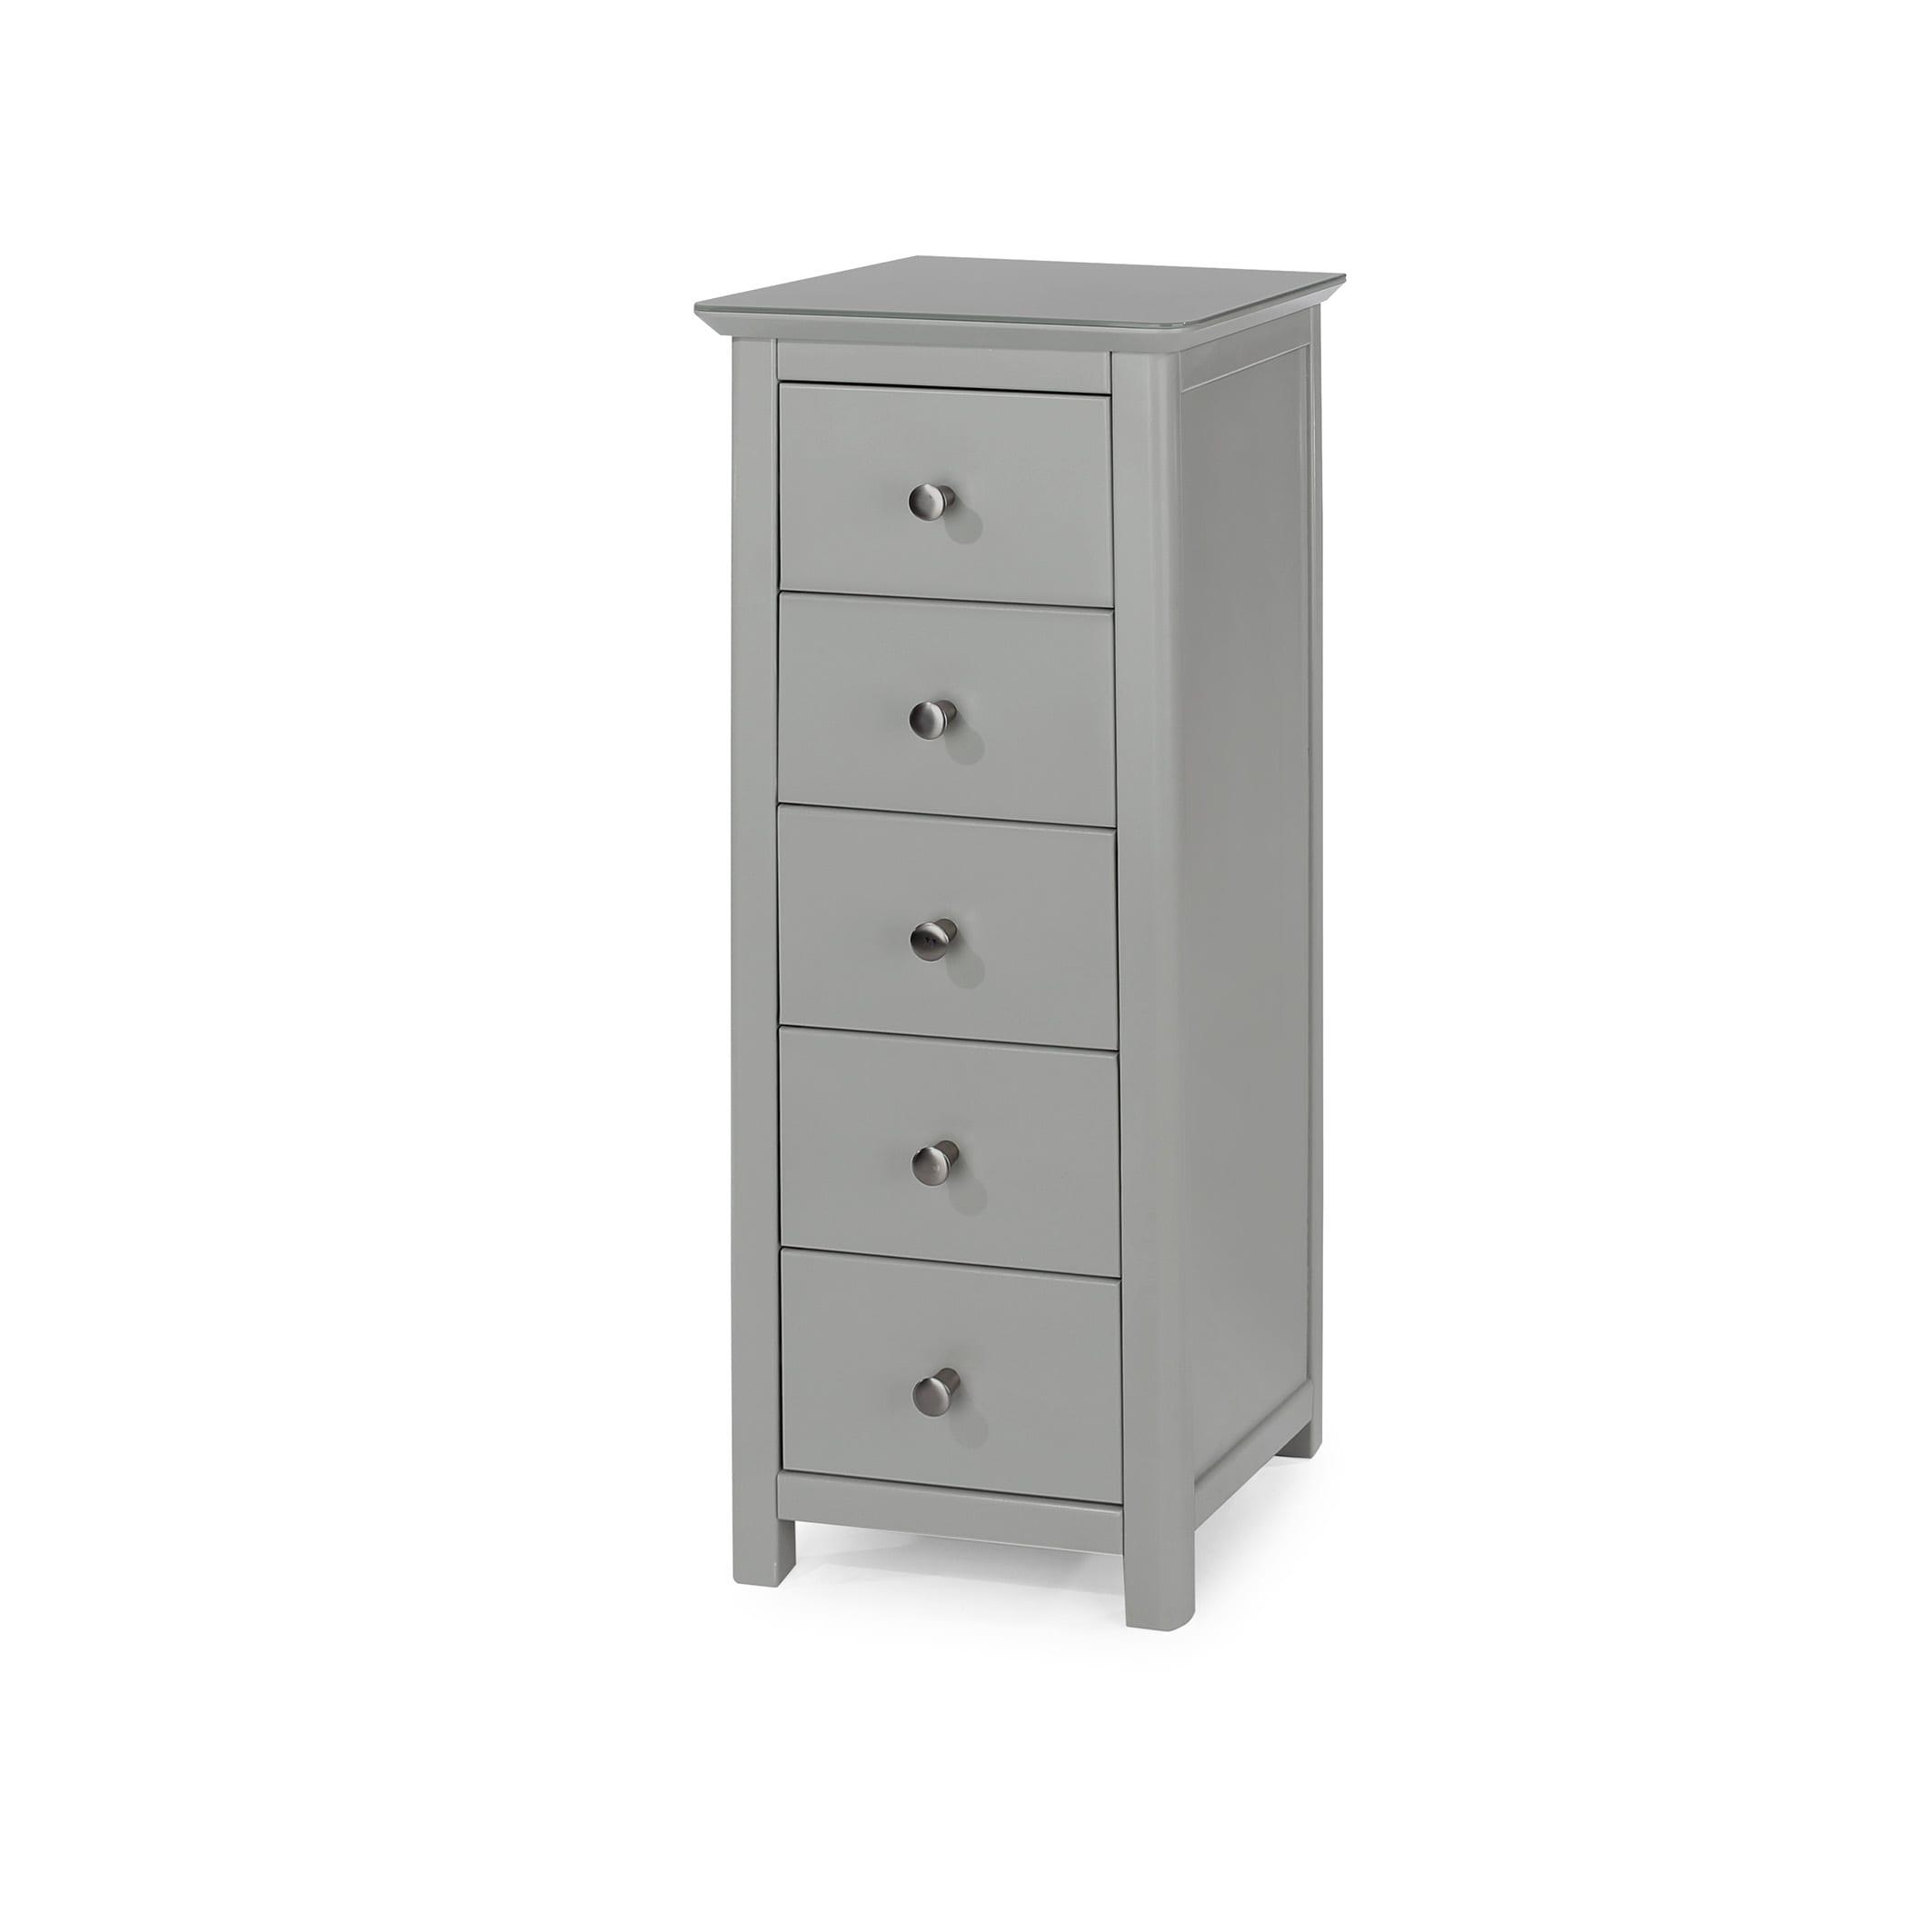 Epsom 5 drawer narrow chest